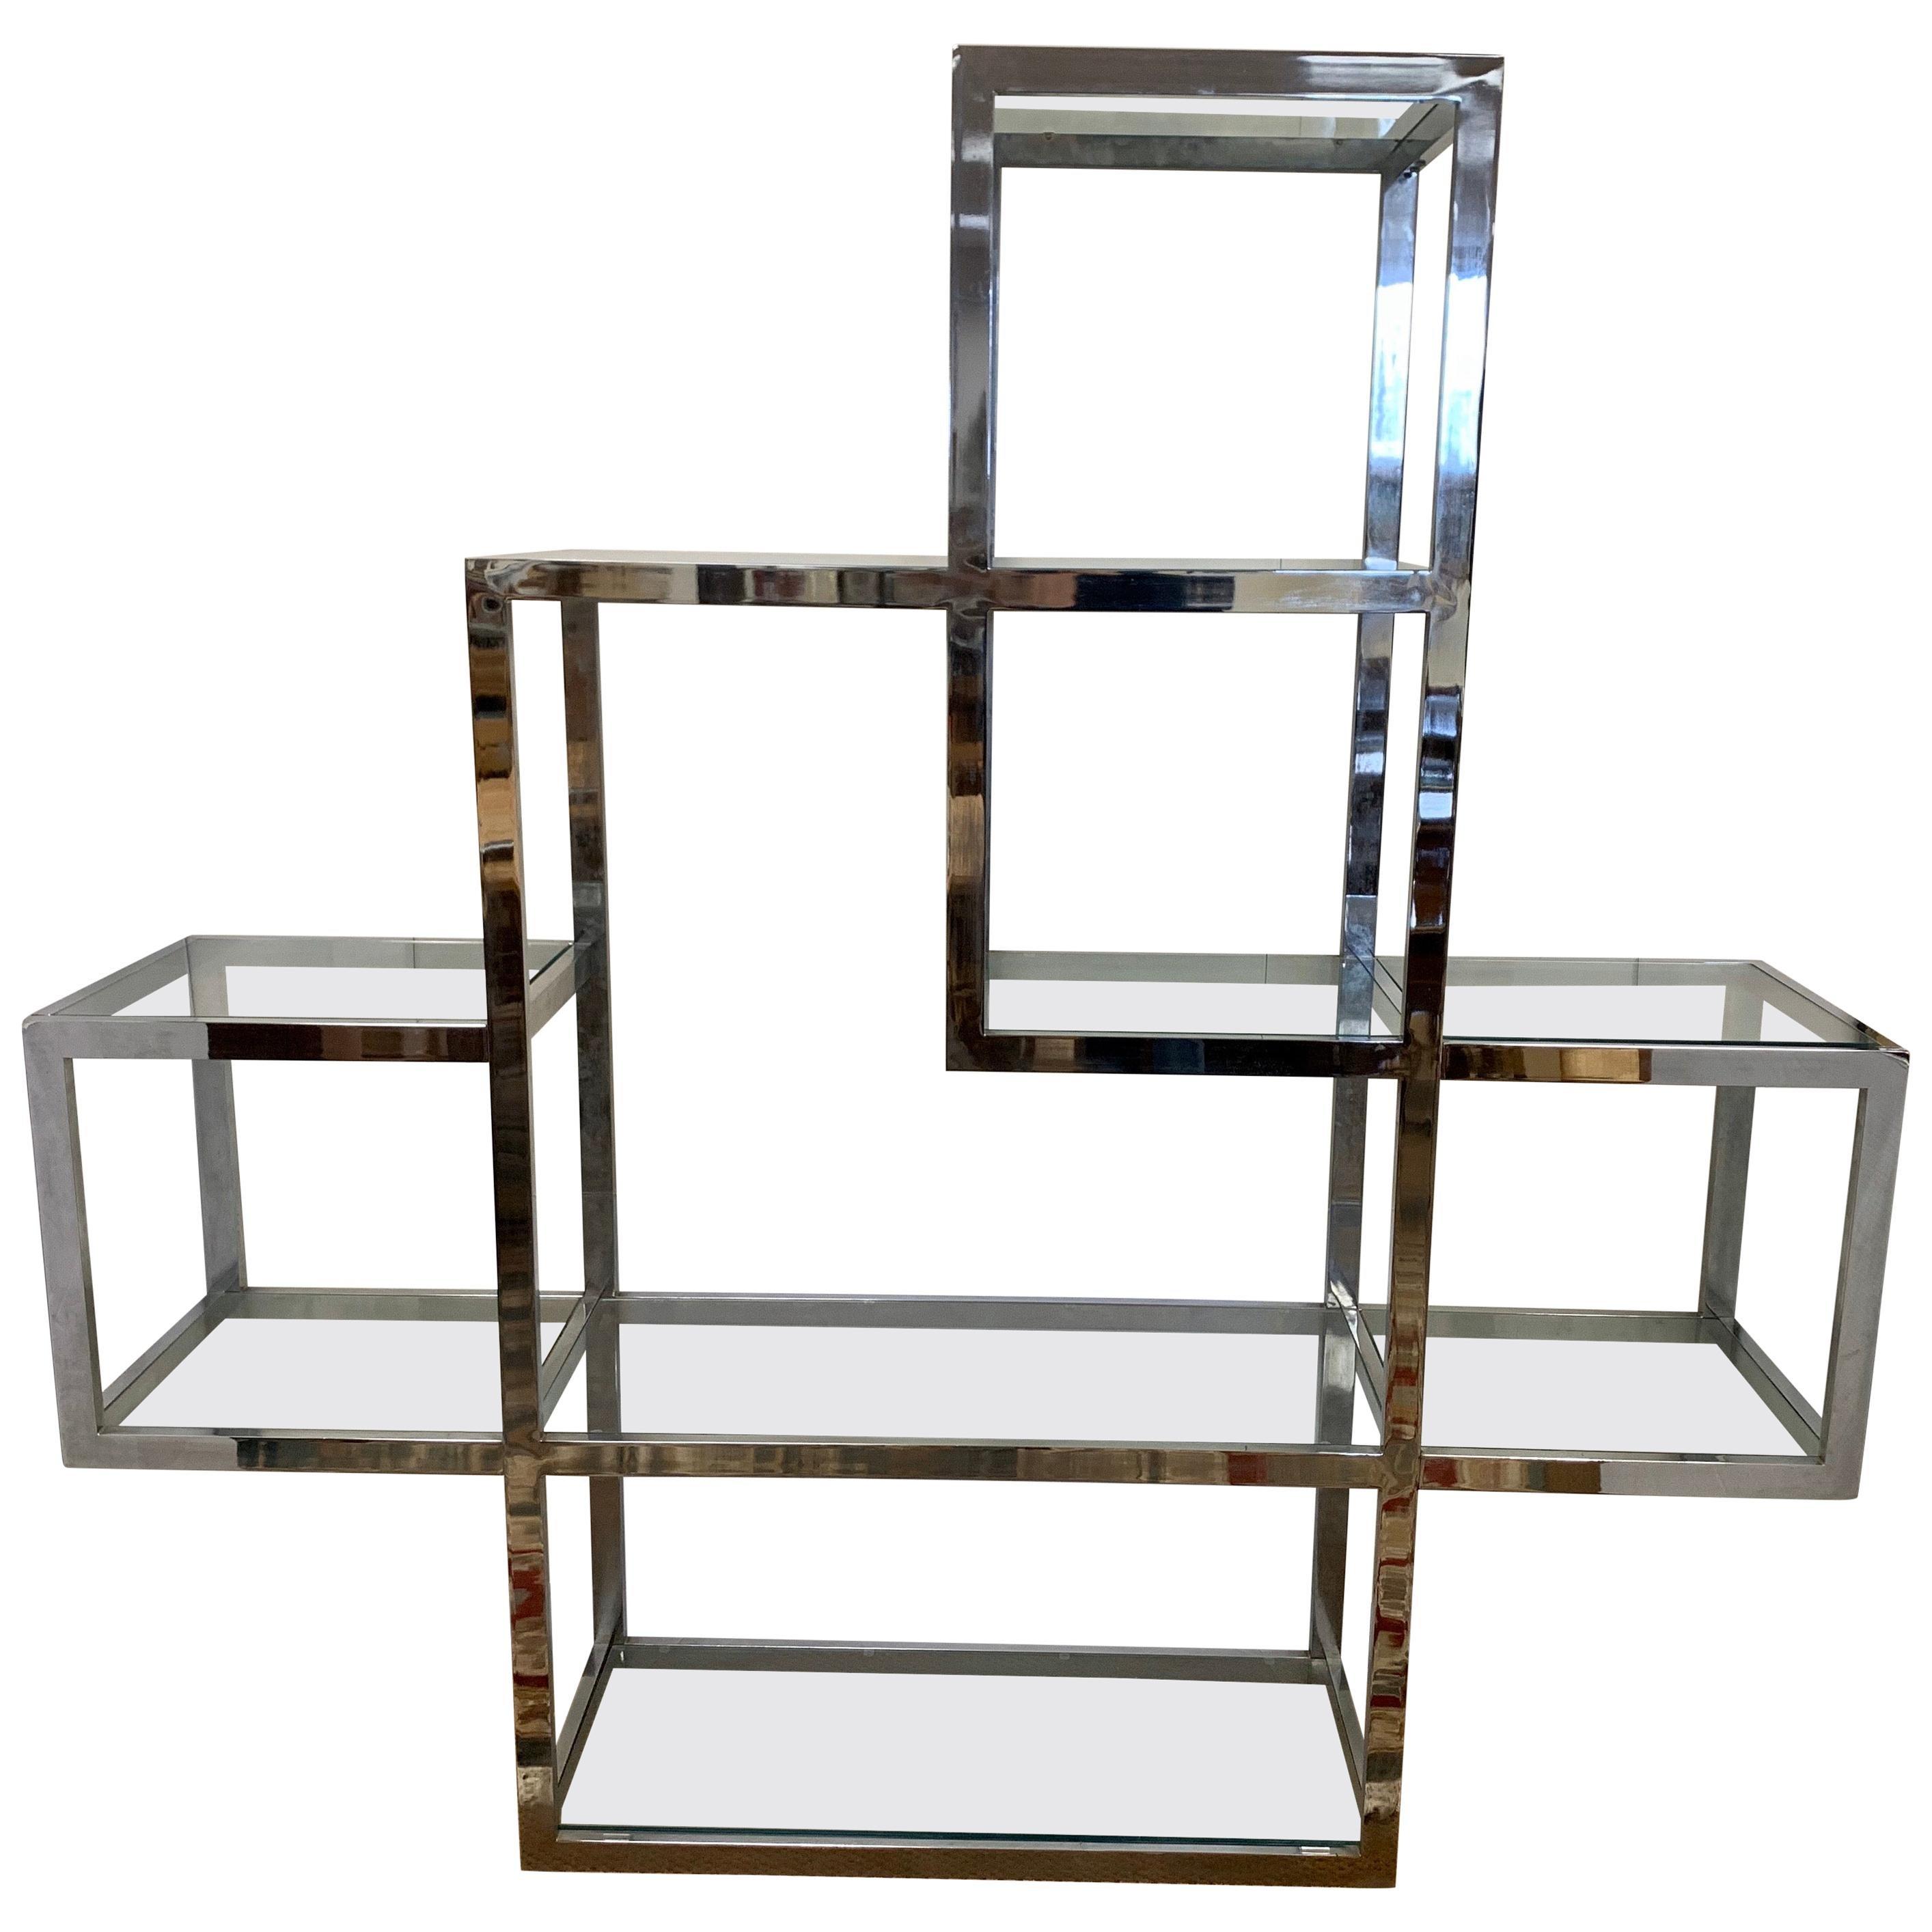 Midcentury Milo Baughman Style Chrome and Glass Large Étagère Shelving Unit